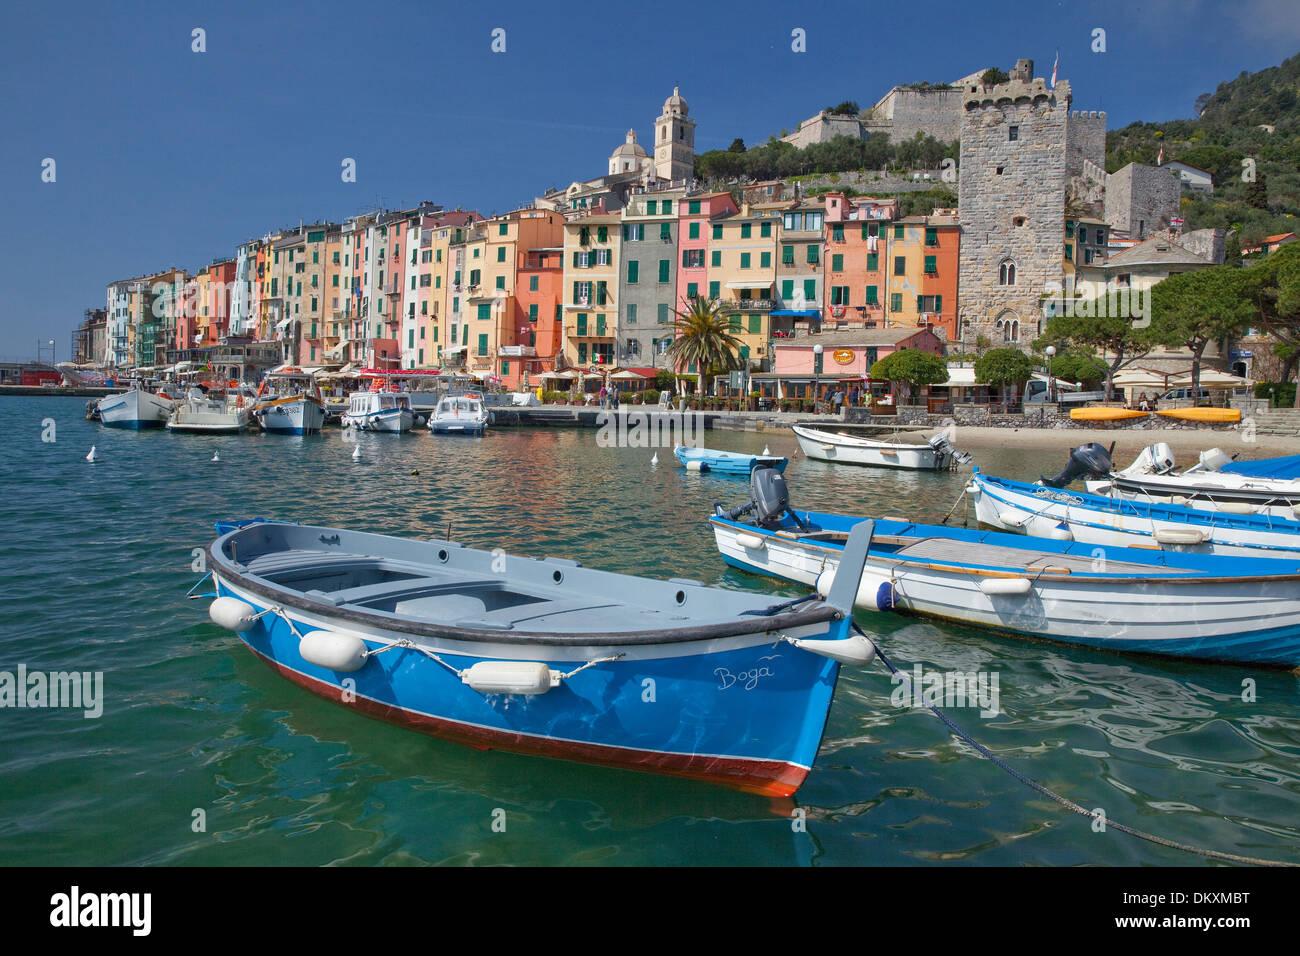 L'Europe, le village, la mer, Portovenere, bateaux, l'Italie, l'UNESCO, patrimoine mondial, littoral, Cinqueterre, Méditerranée, mer, Photo Stock